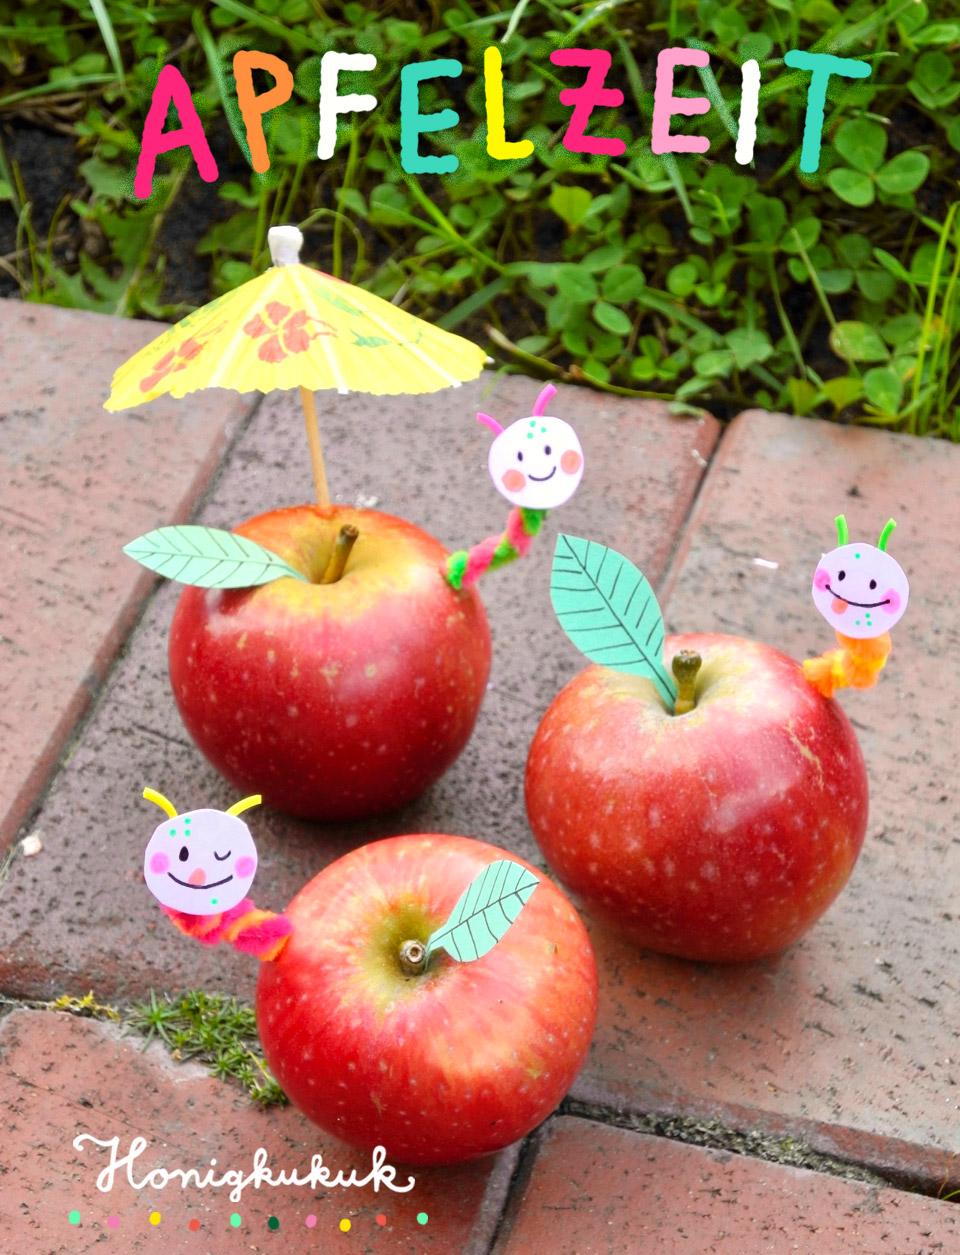 Mit Äpfeln drucken und basteln, Apfel mit Wurm, Herbstdekoration zur Apfelzeit